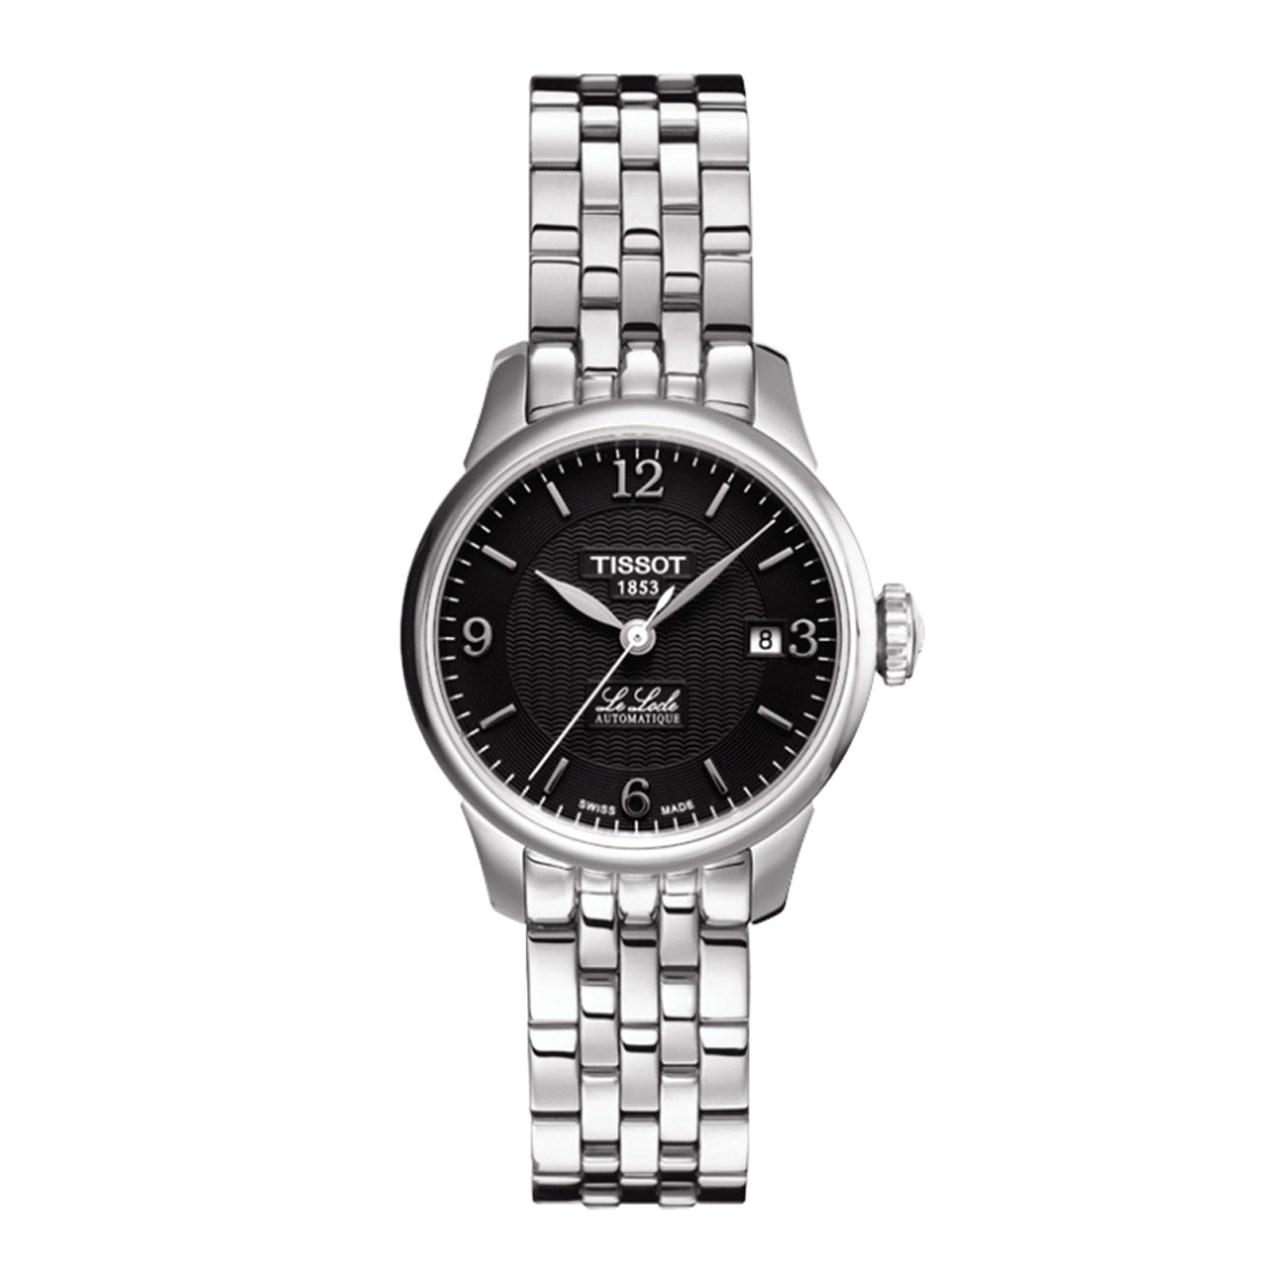 ساعت مچی عقربه ای زنانه تیسوت مدل Le Locle T41.1.183.54